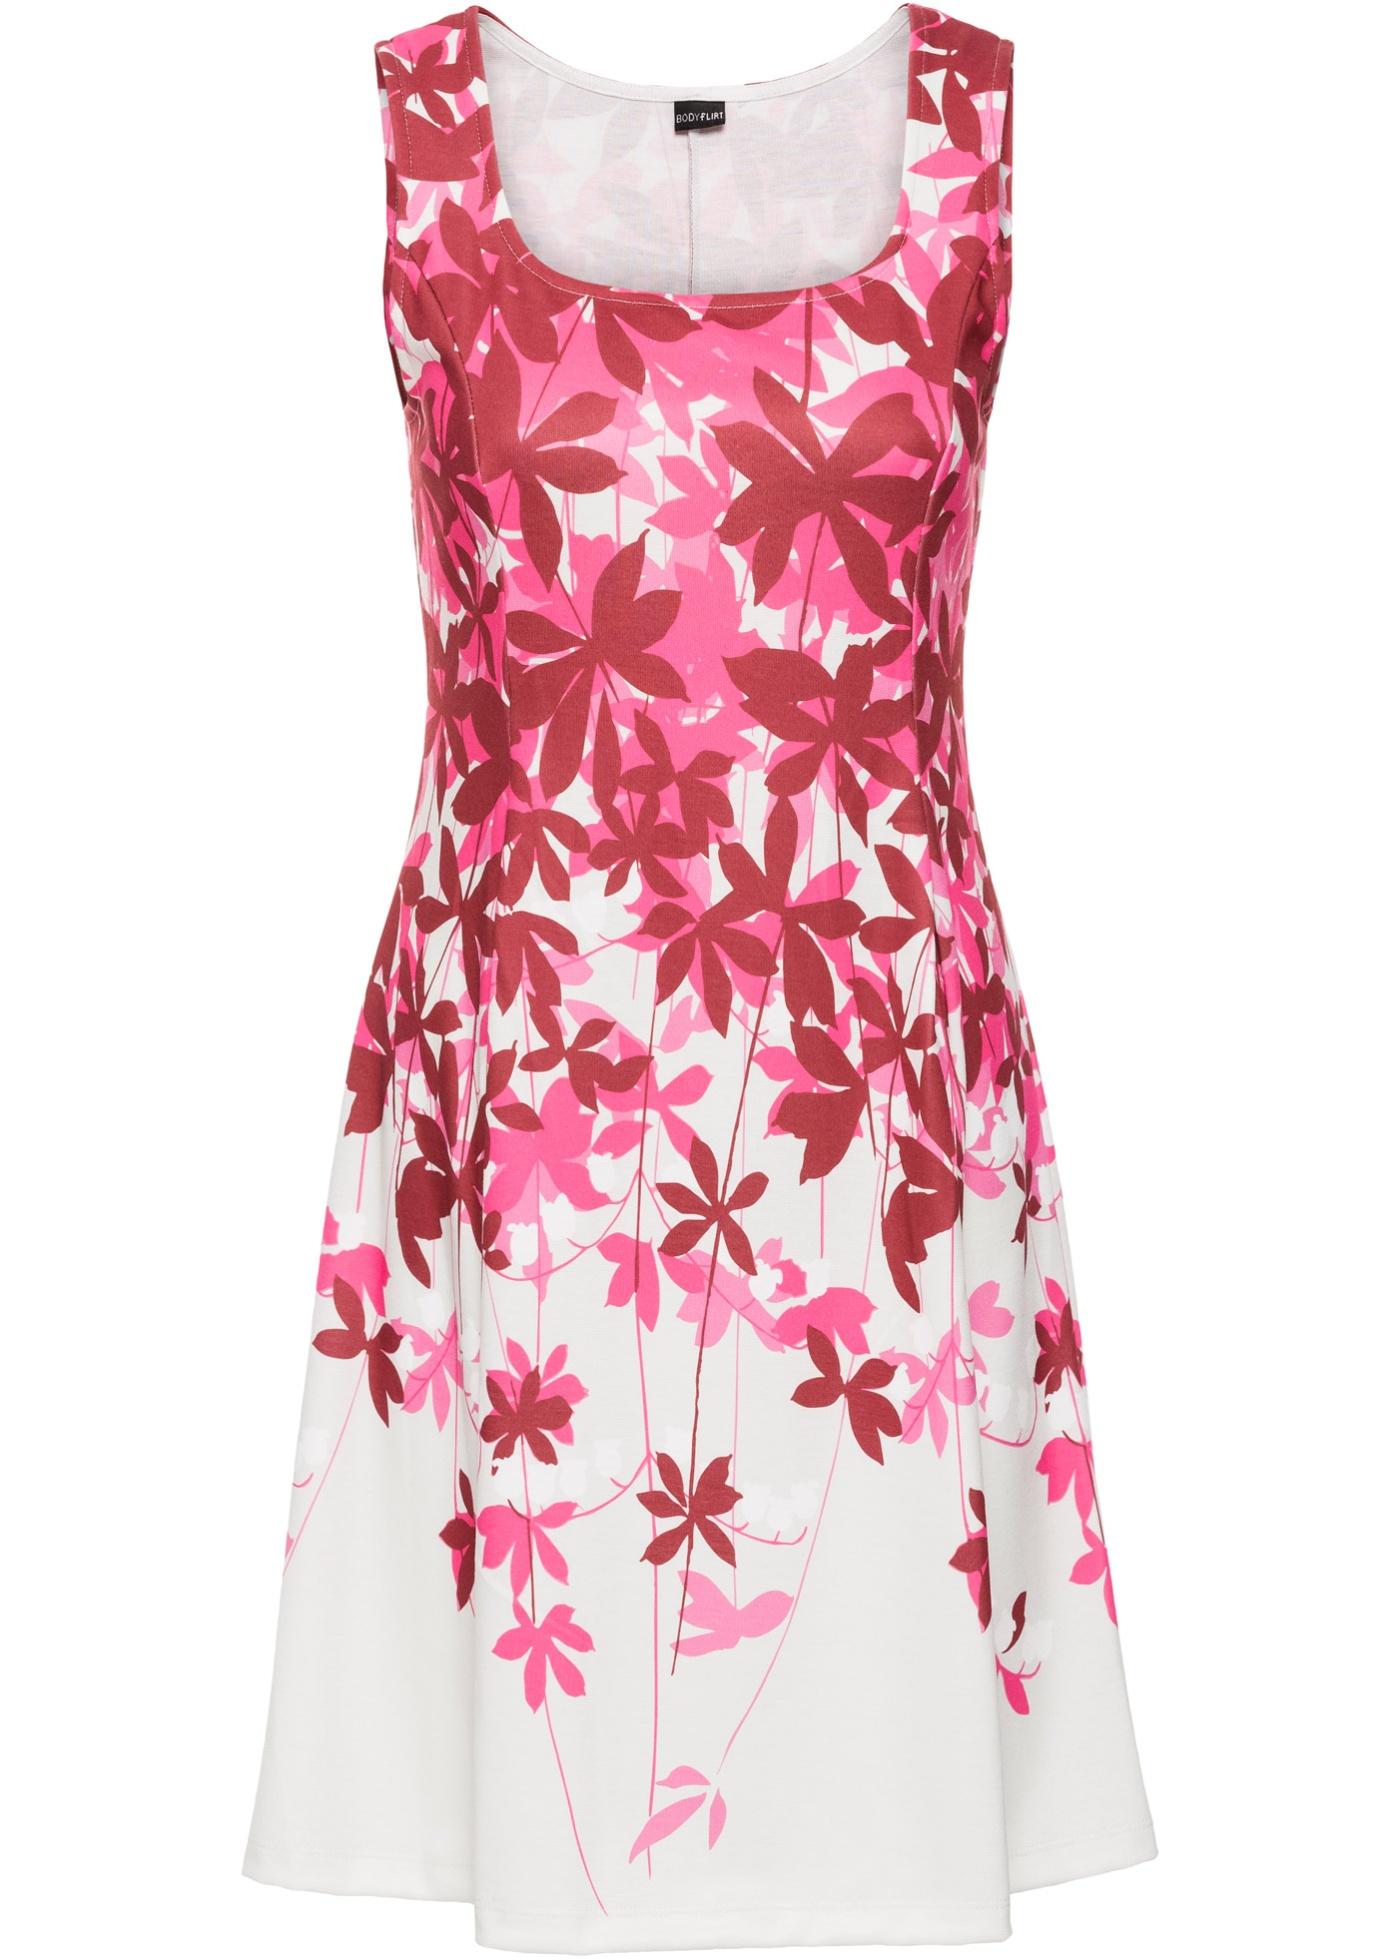 19+ Kleid Mit Blumen Dunkelblau Mode - Givil Lardo